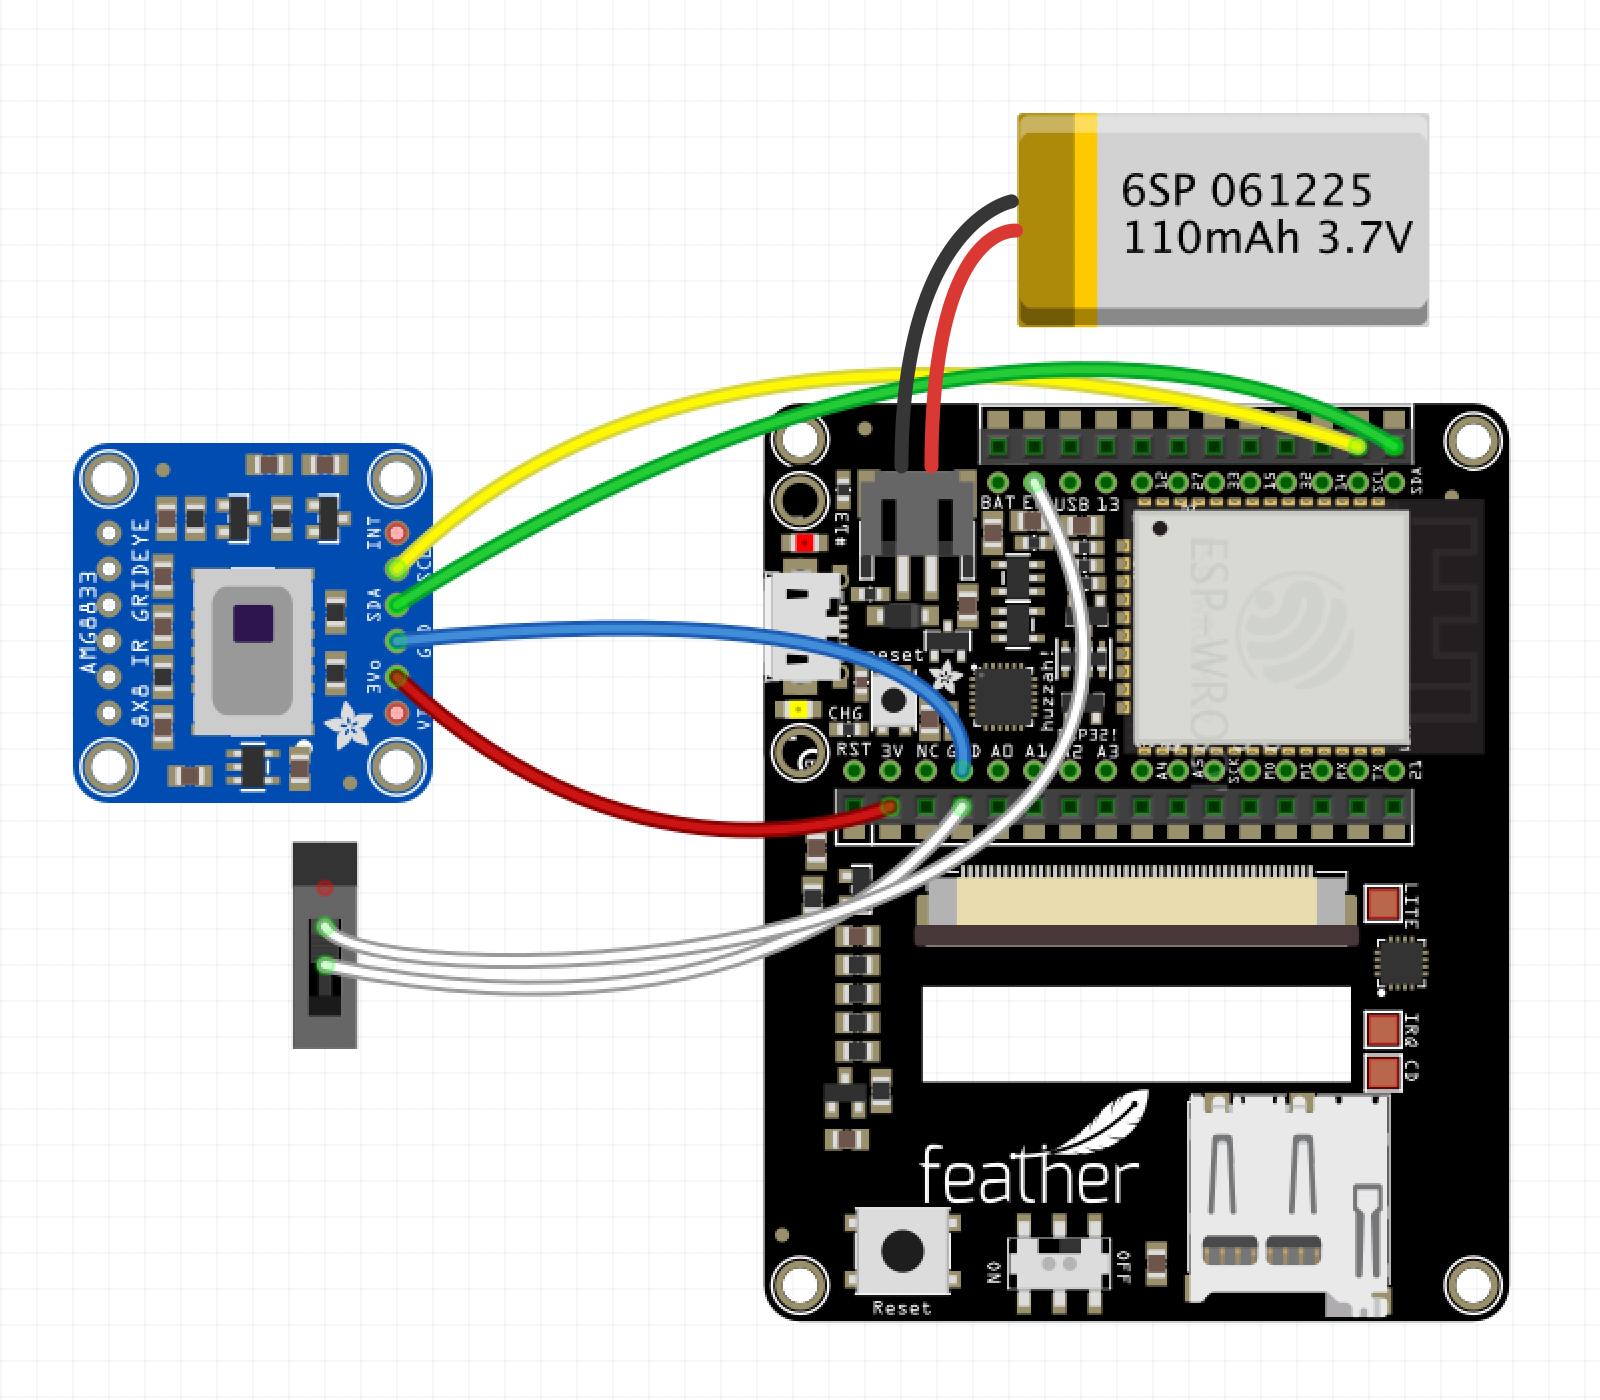 camera_circuit-diagram.png